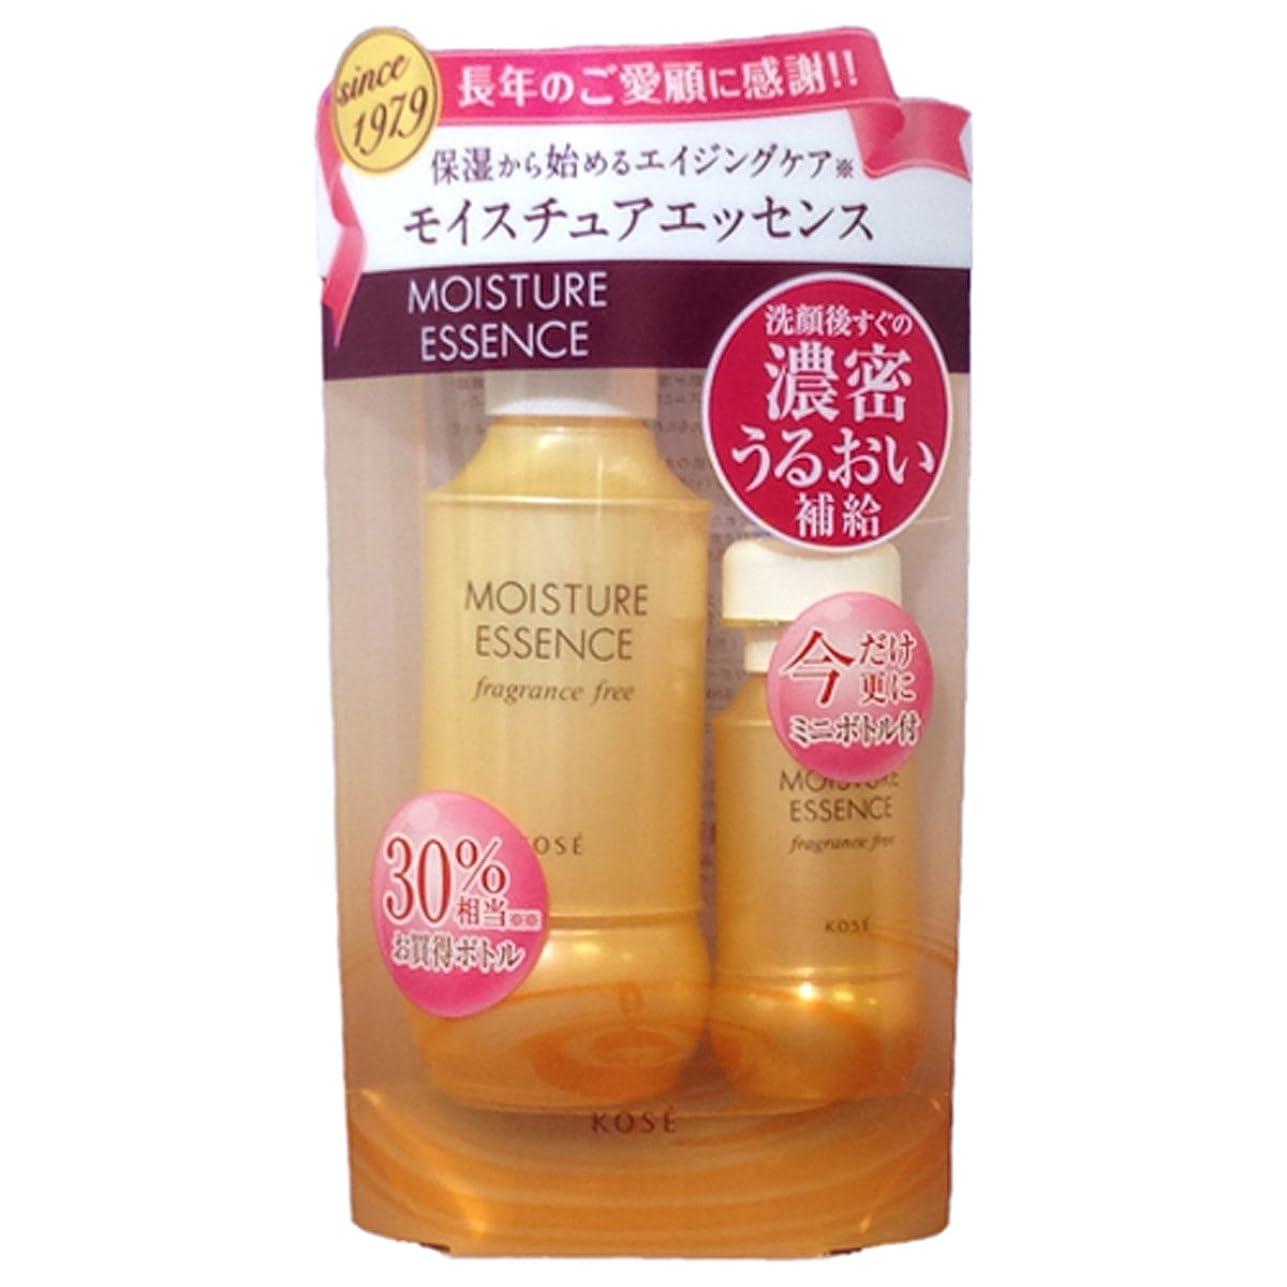 試してみるシンポジウムランチコーセー モイスチュアエッセンス 無香料 130ml+30ml キャンペーンキット